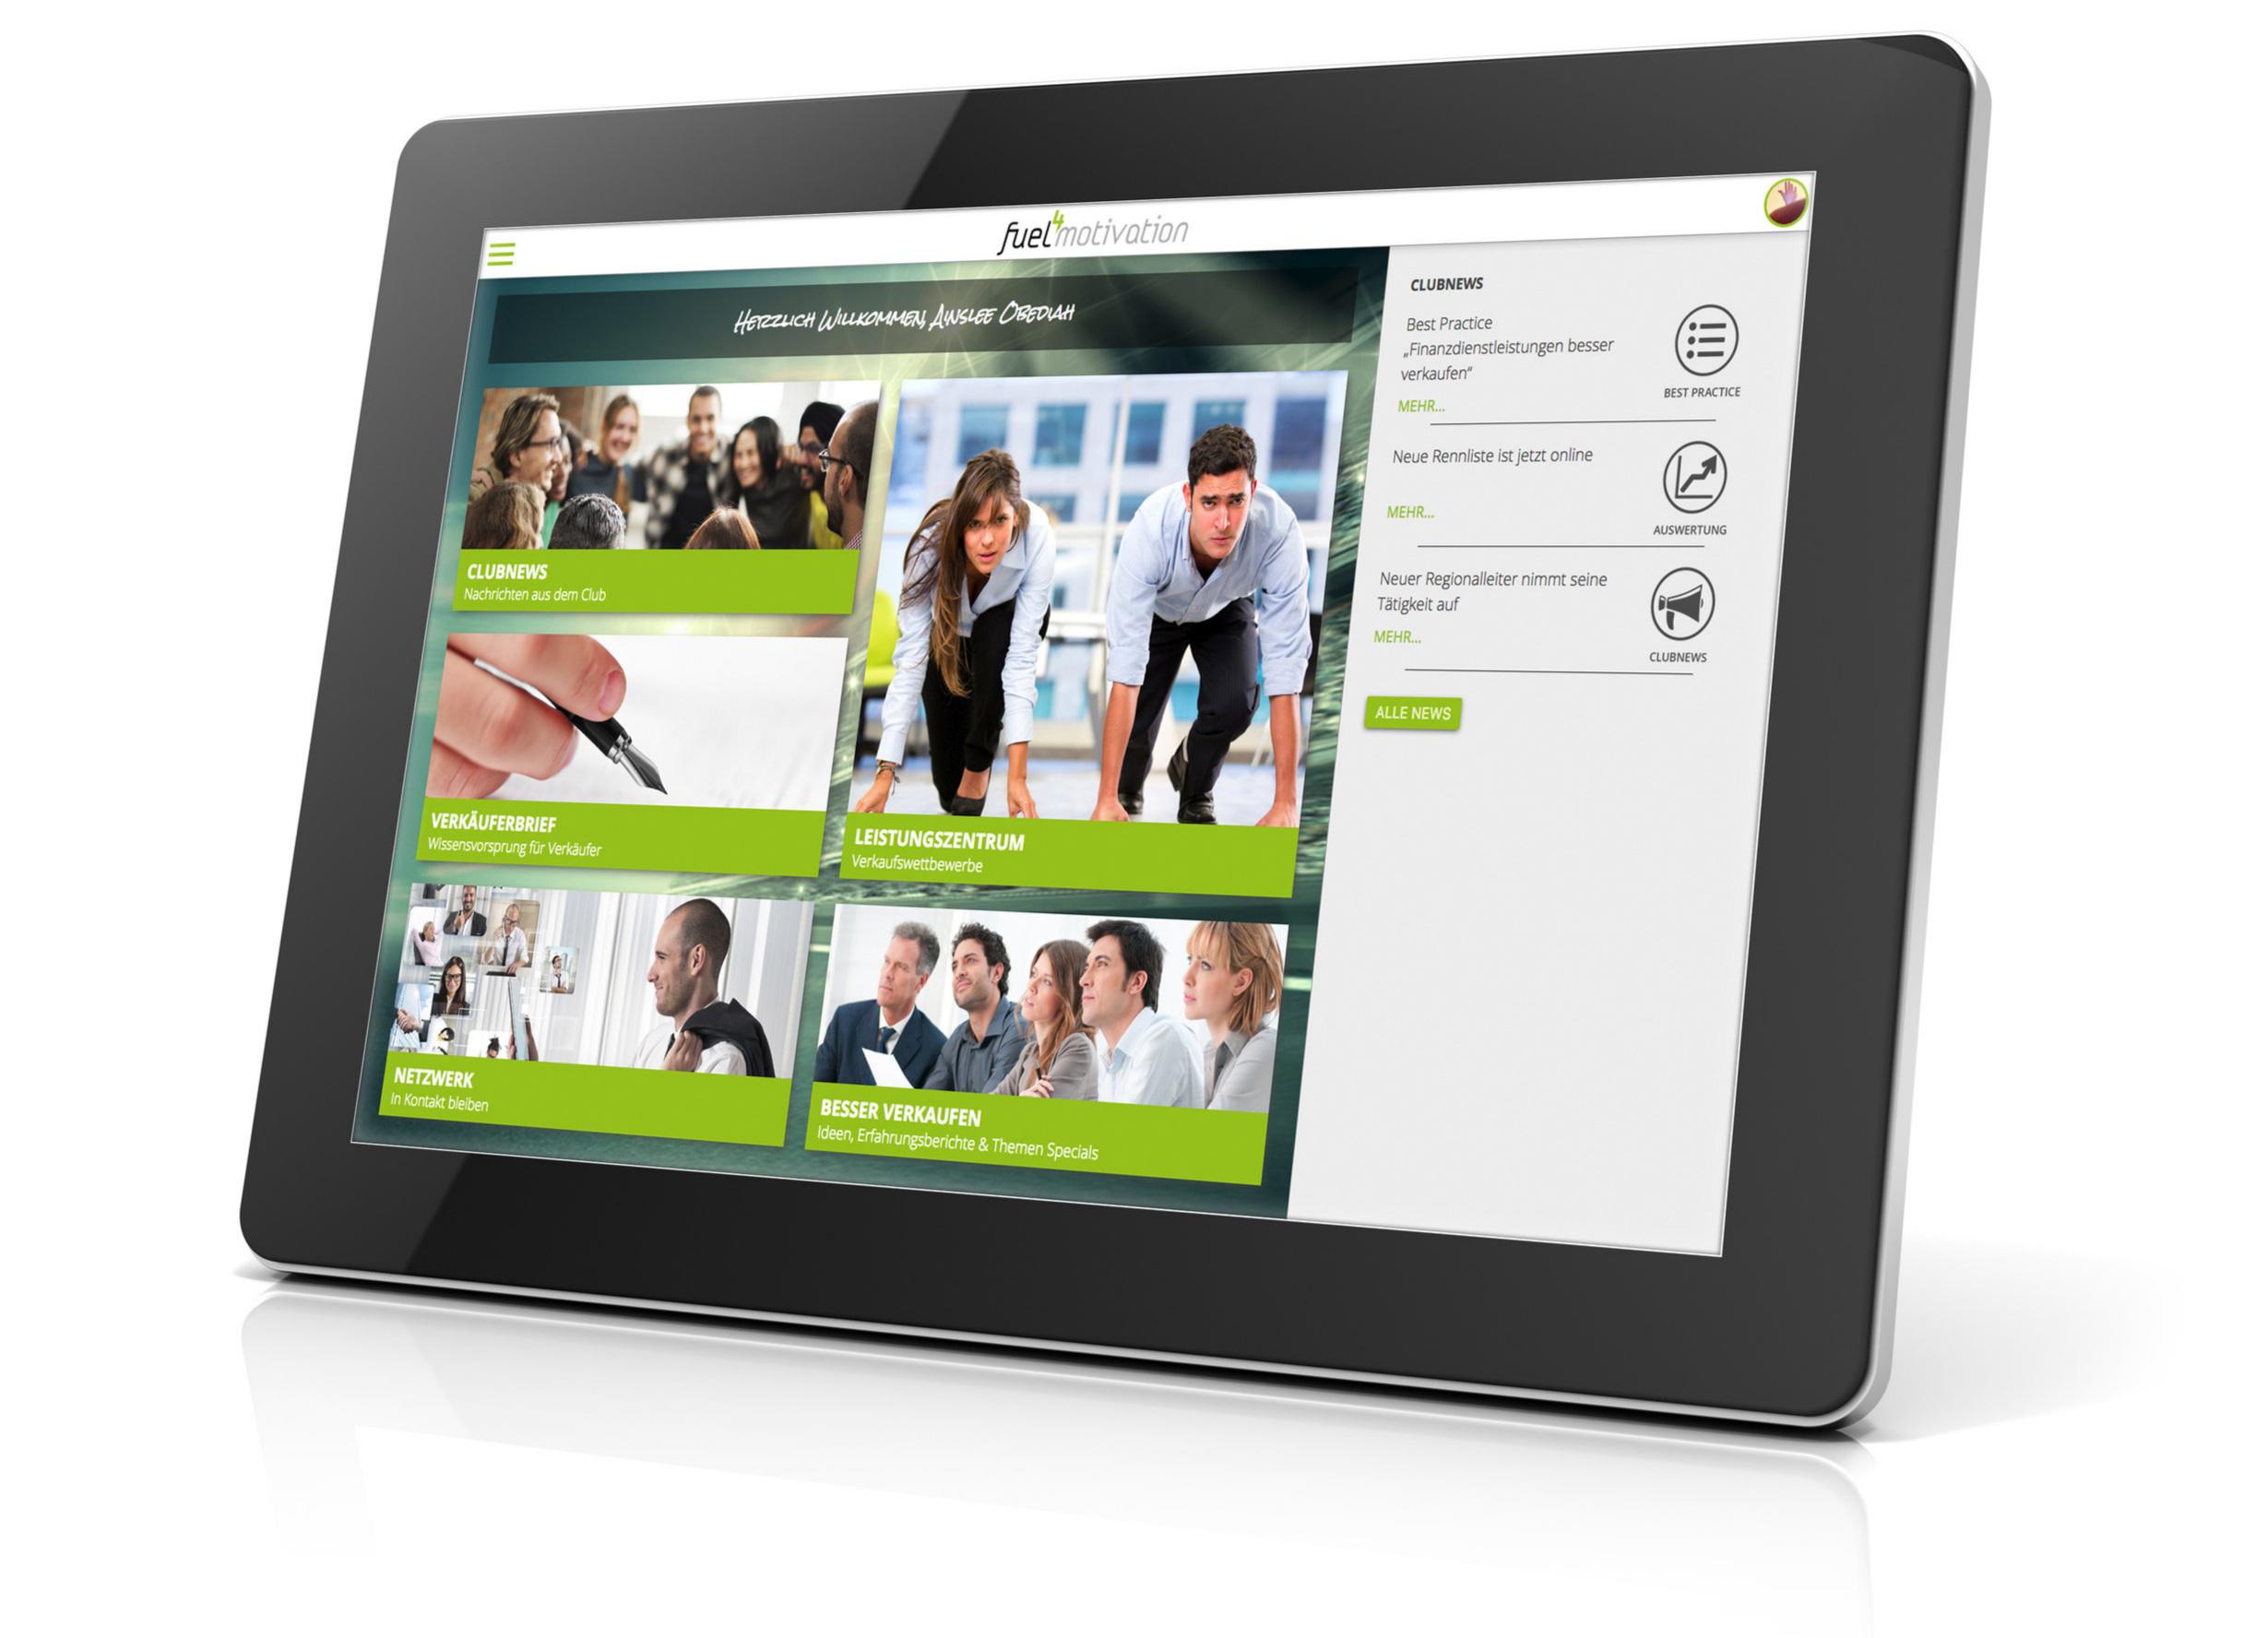 Fuel4-Motivation-Startbildschirm-Tablet.jpg